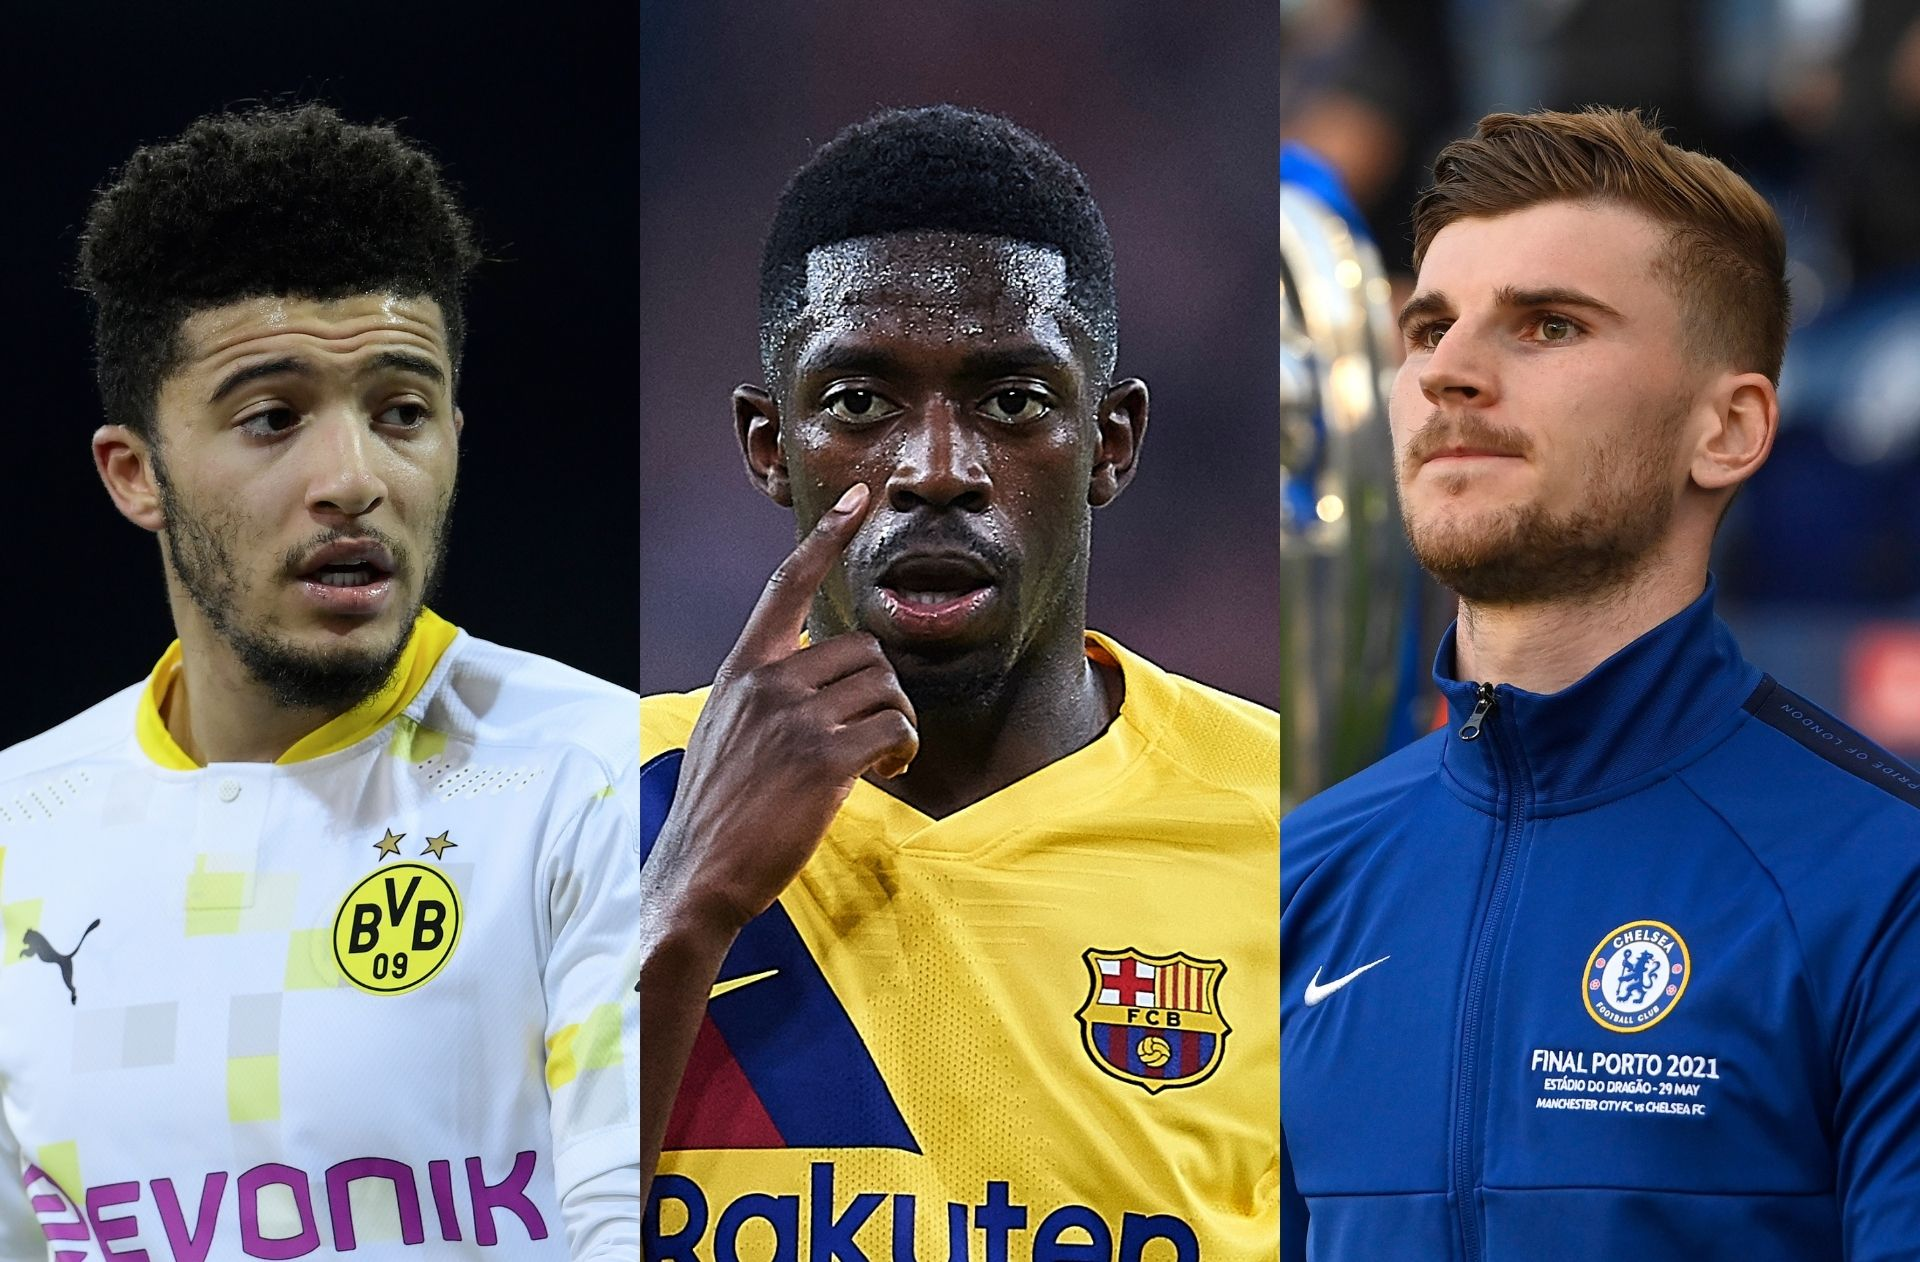 Friday's transfer rumors - Ancelotti eyes surprise move for Chelsea star